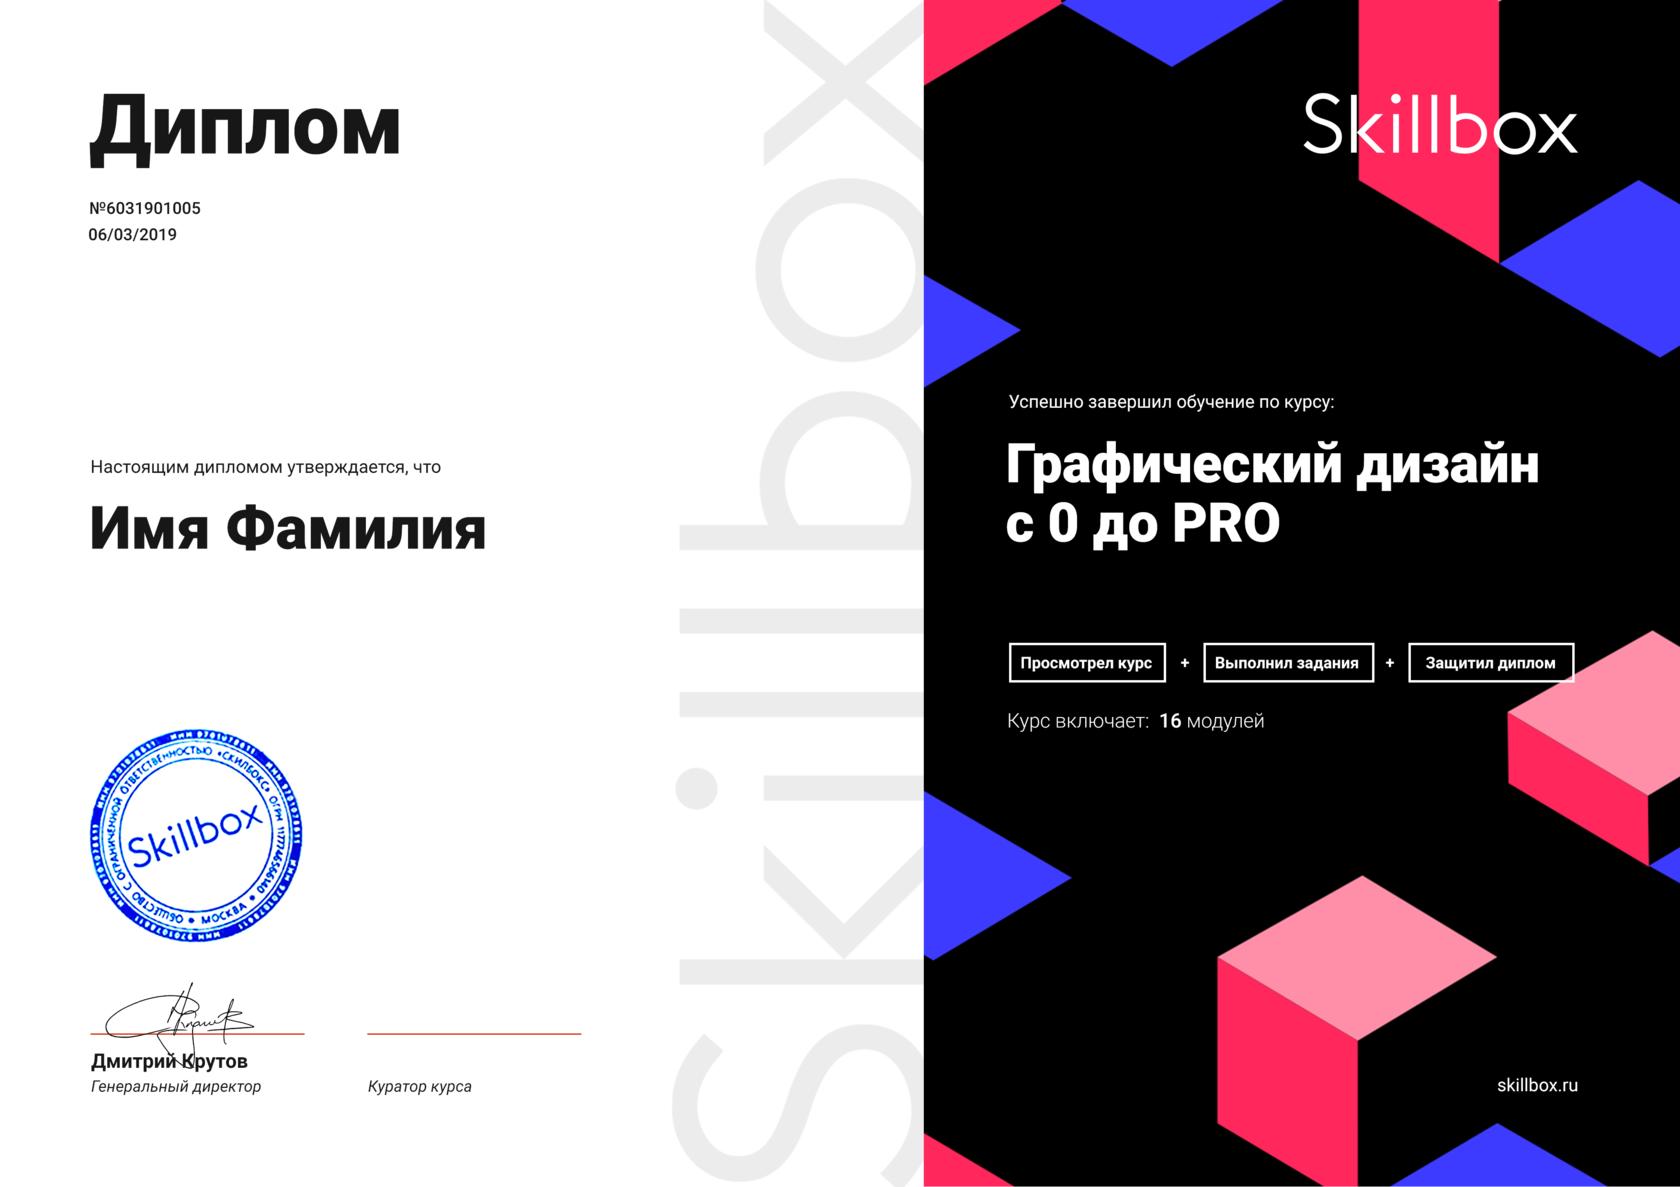 Курсы SkillBox — обзор школы и отзывы